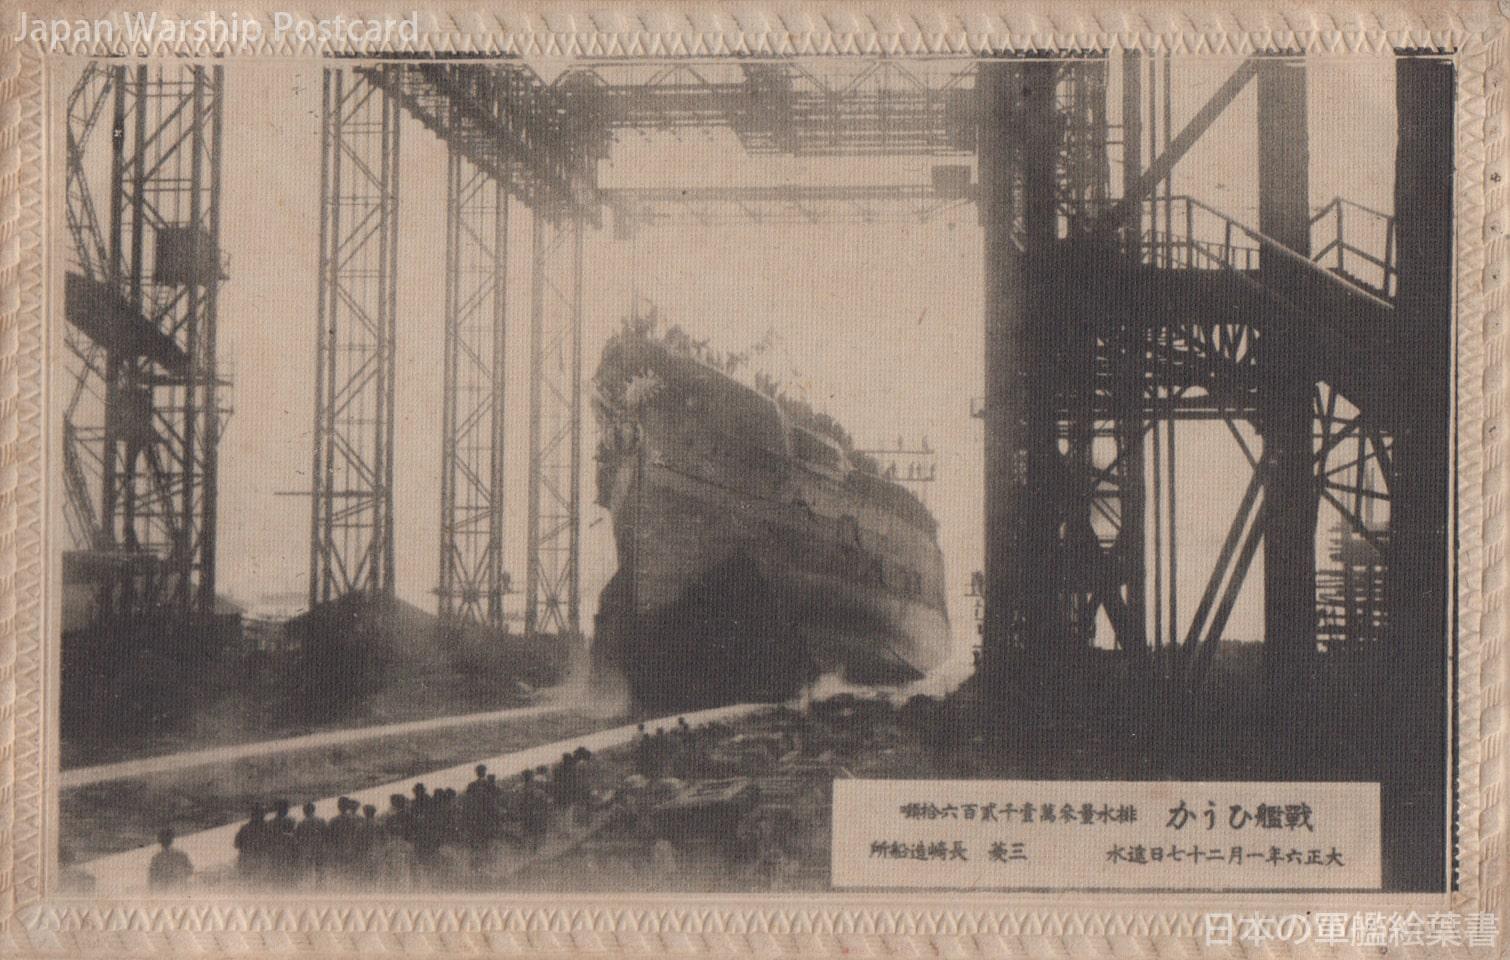 戦艦ひうか 大正六年一月二十七日進水